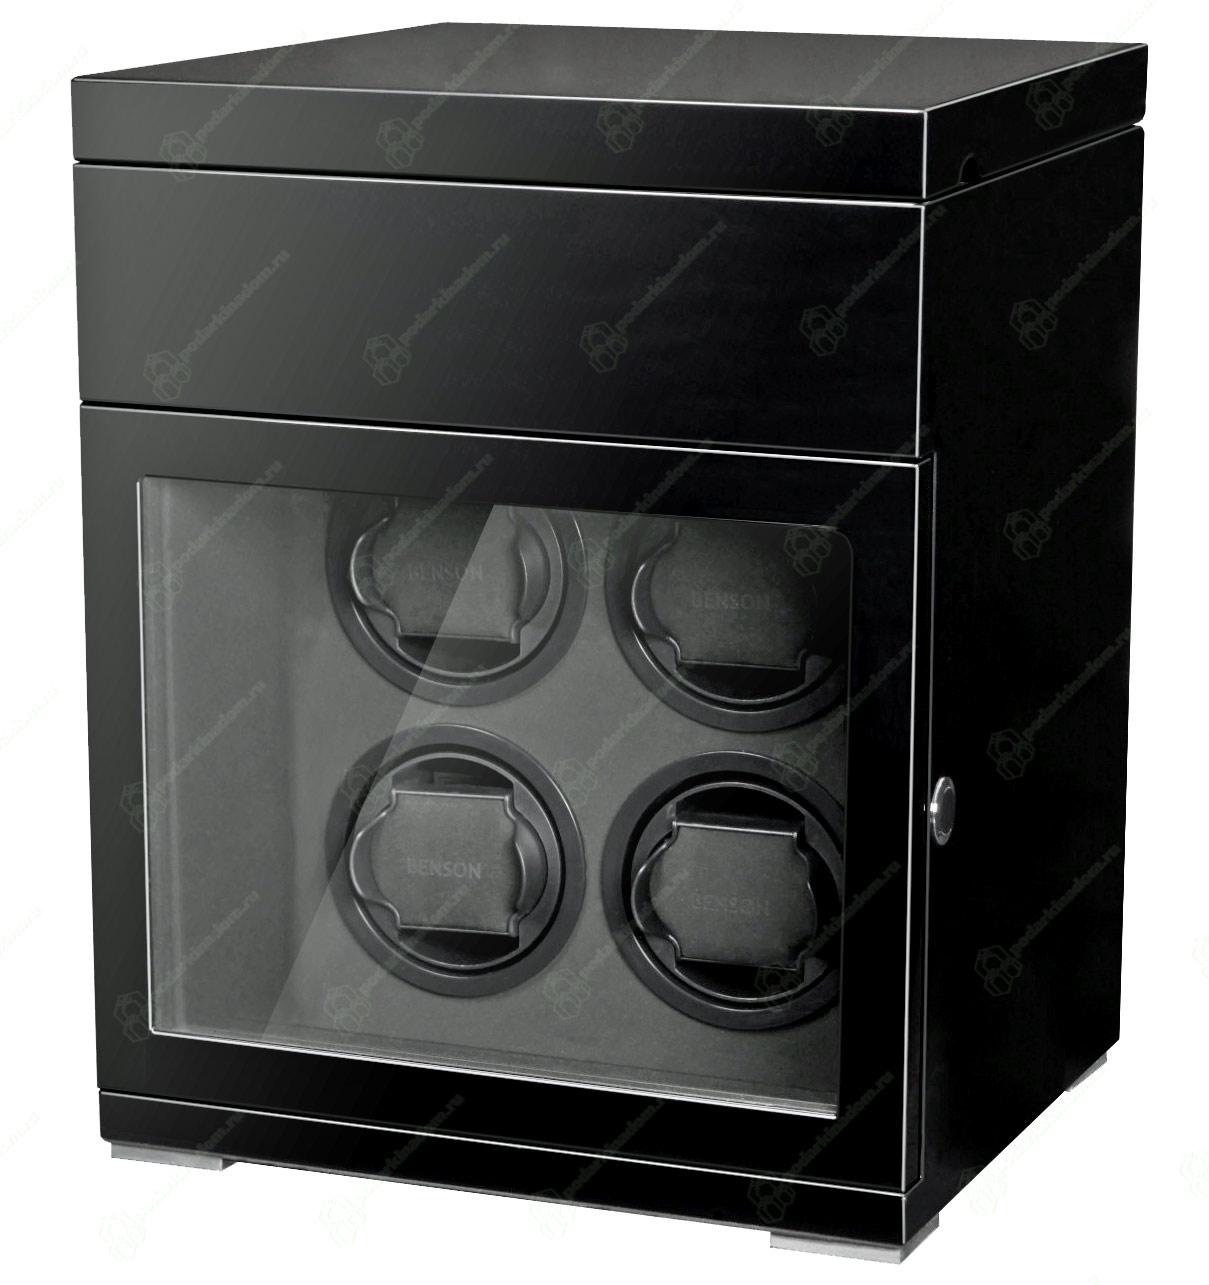 Benson 4.16.B Деревянная шкатулка черного цвета для завода 4 наручных часов и с отделением для  хранения